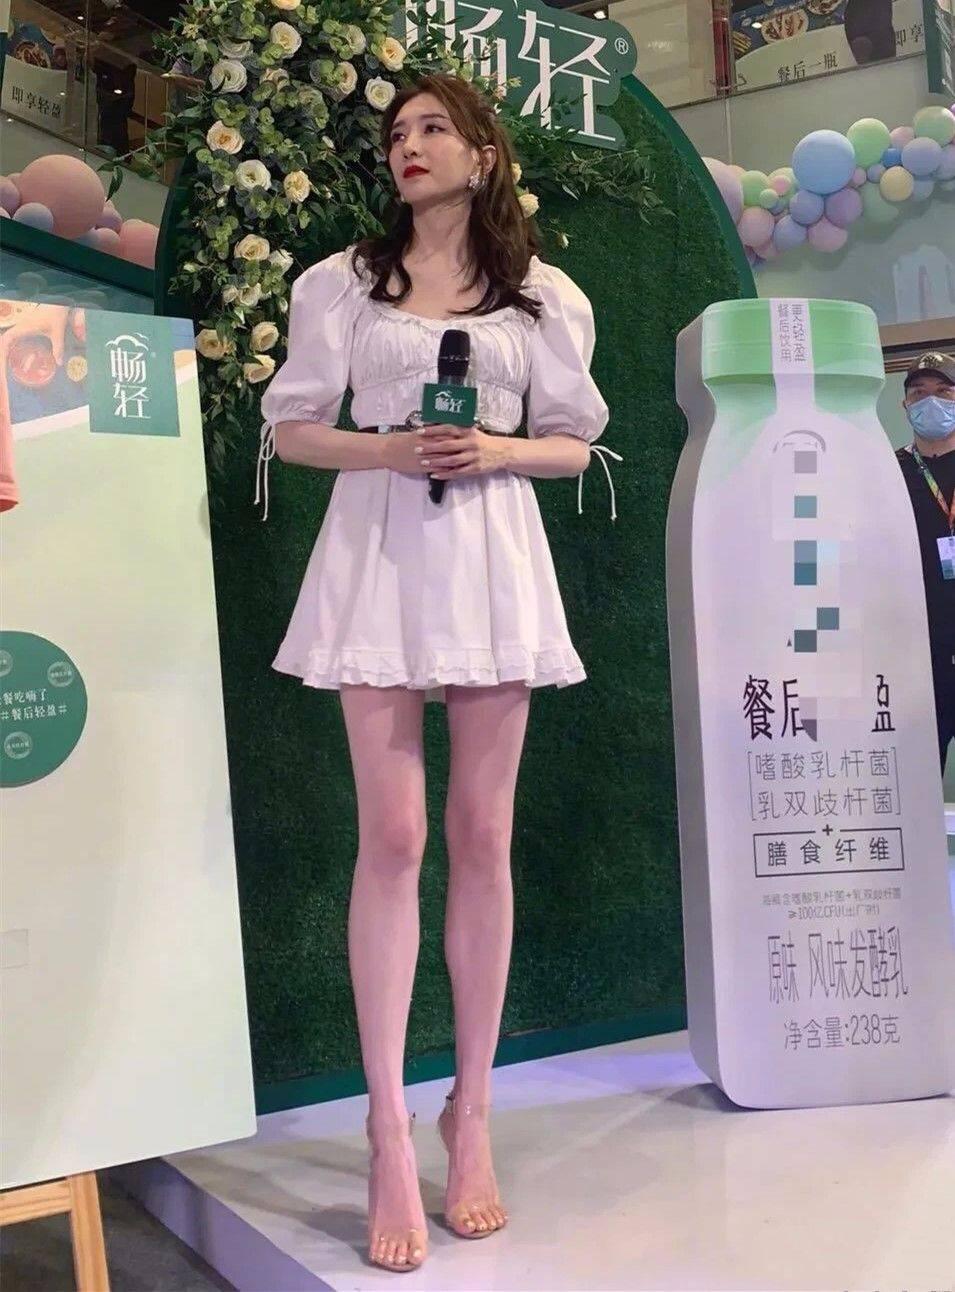 江疏影一双大长腿如此吸睛,怎么就没腰呢?穿白裙都装不了清纯!